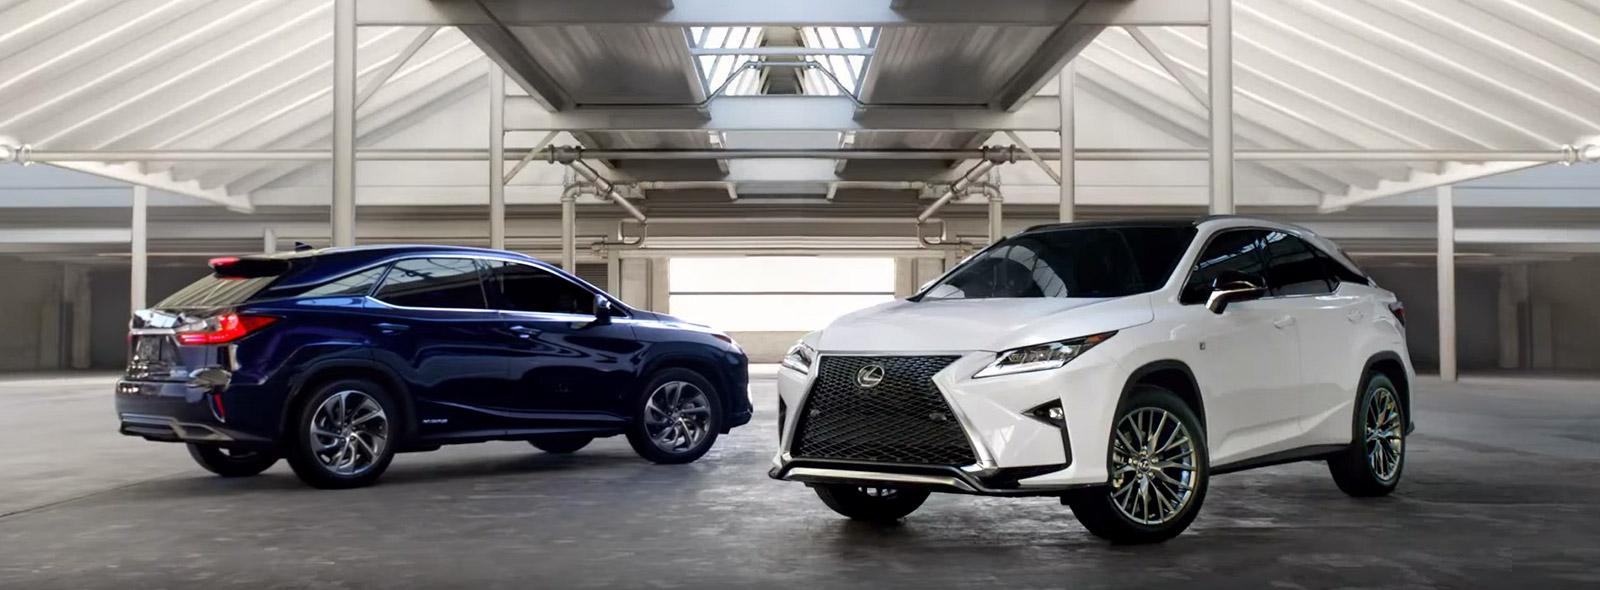 Новые Модели Lexus RX 350 синего и белого цвета